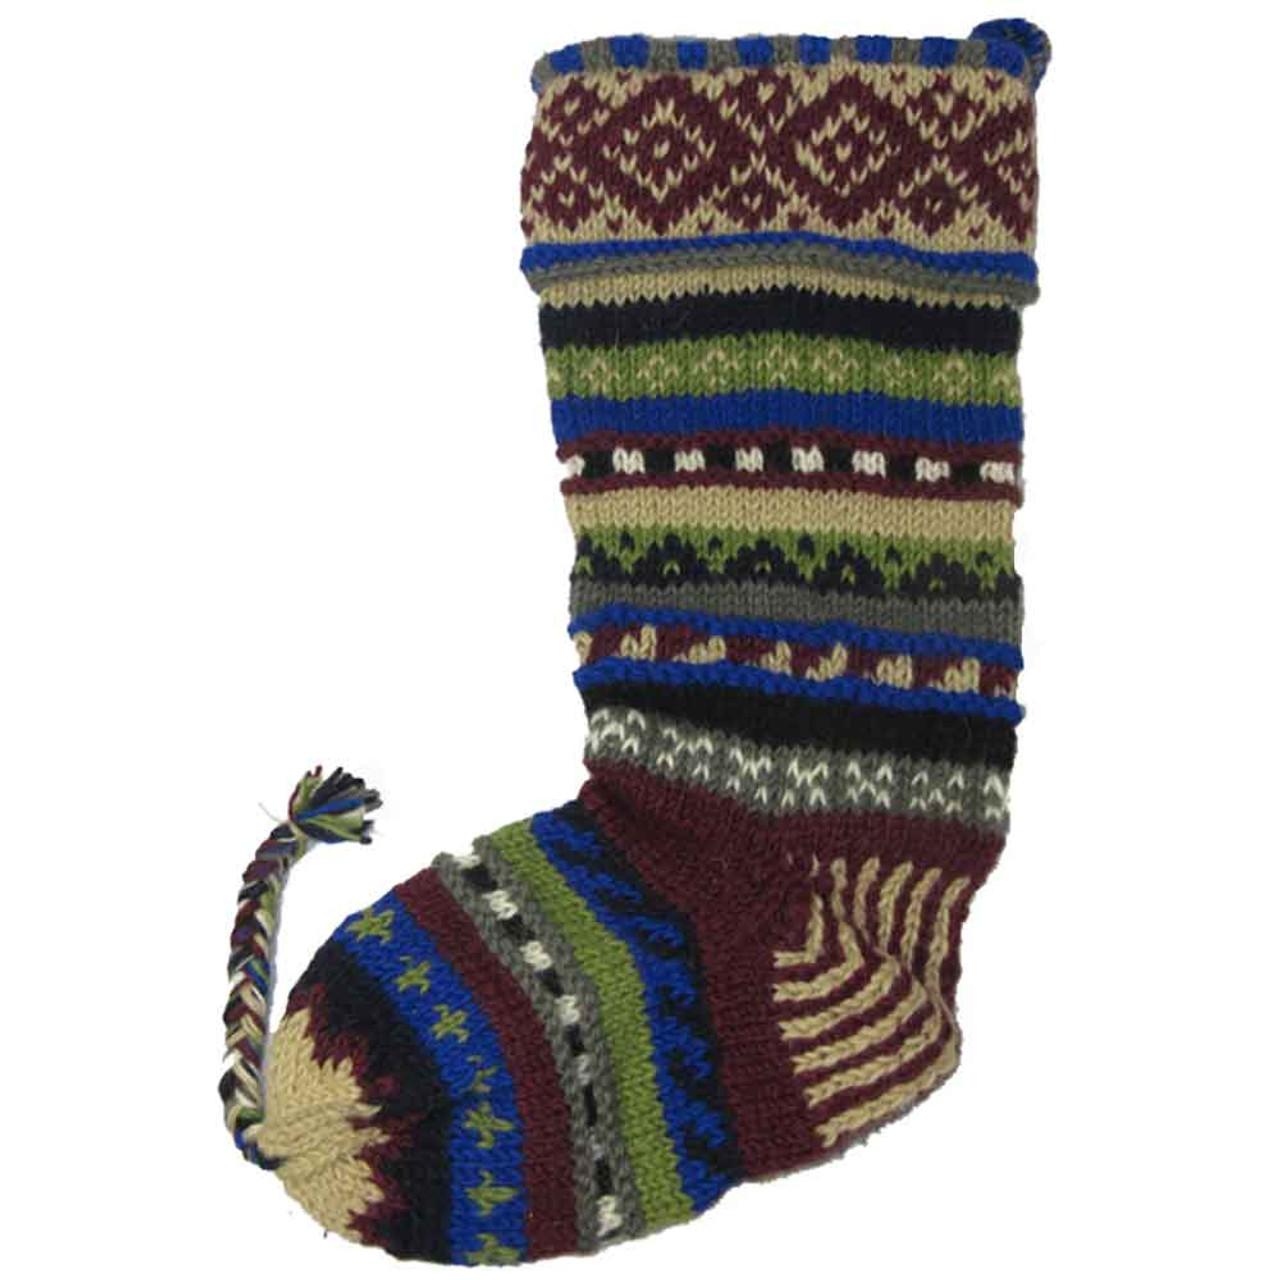 Wool Knit Christmas Stocking Nepal Striped 11 - Tango Zulu Imports